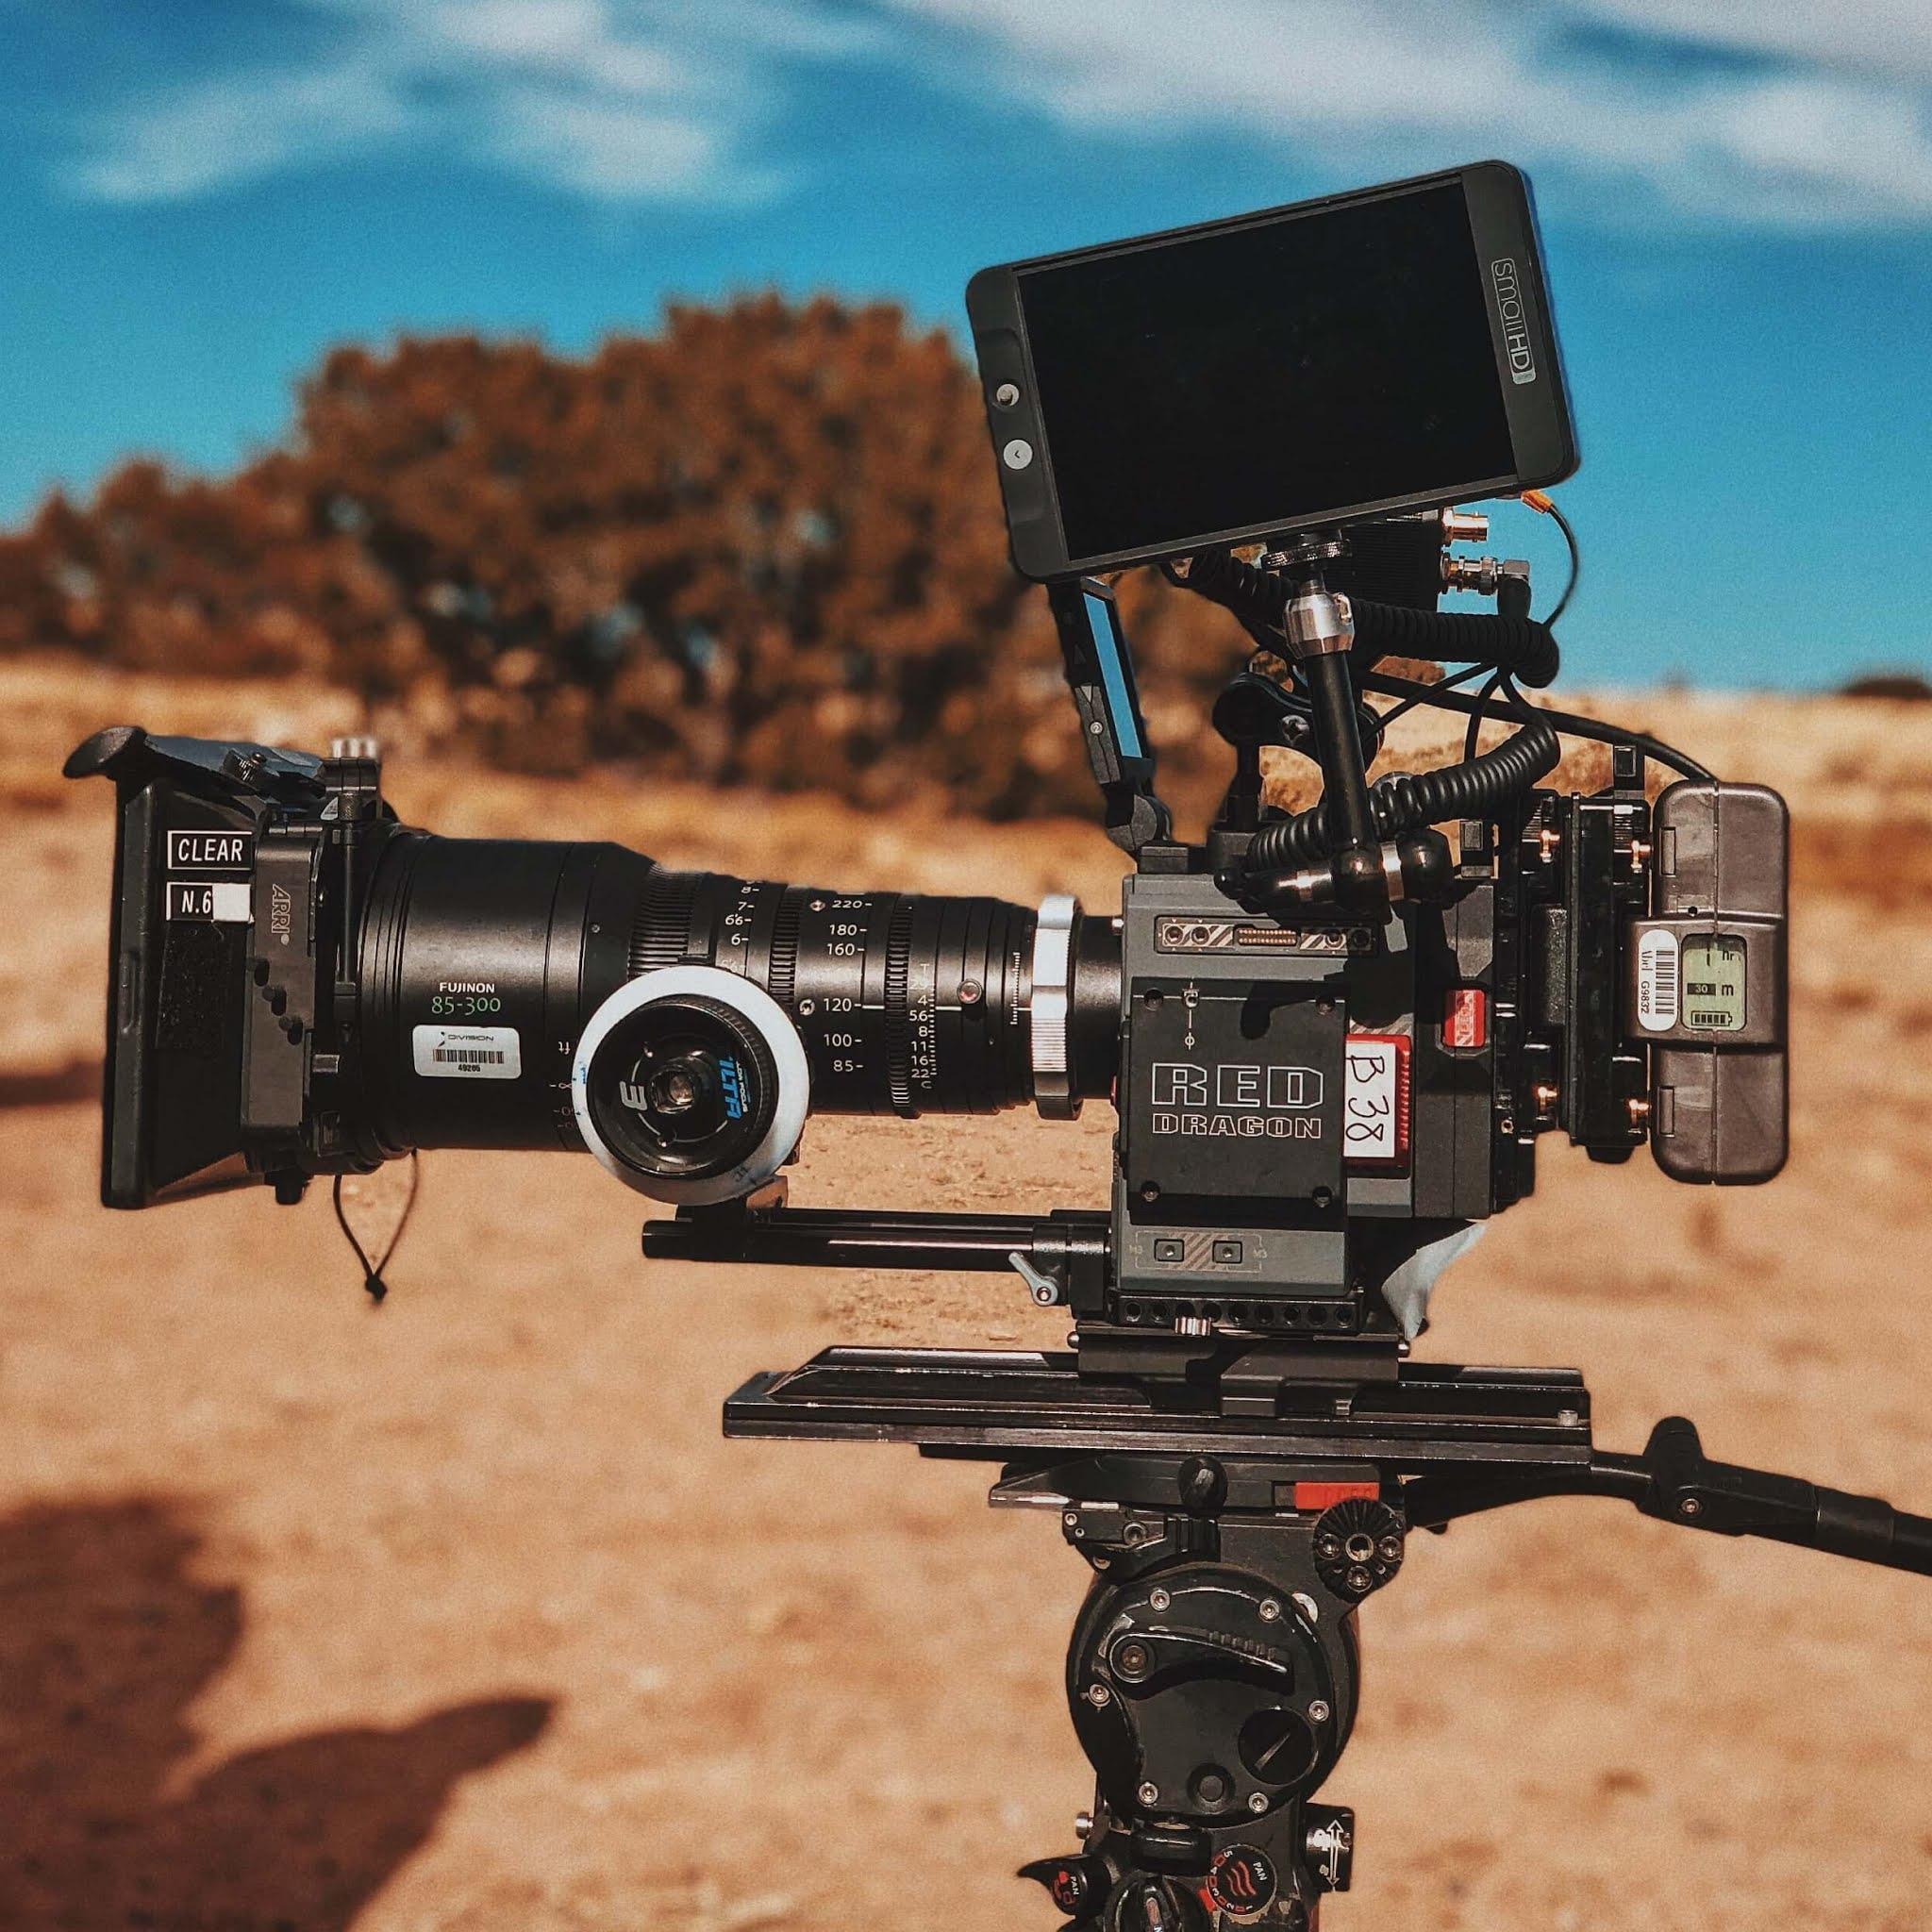 Belajar teknik sinematografi untuk menciptakan bahasa film yang indah.